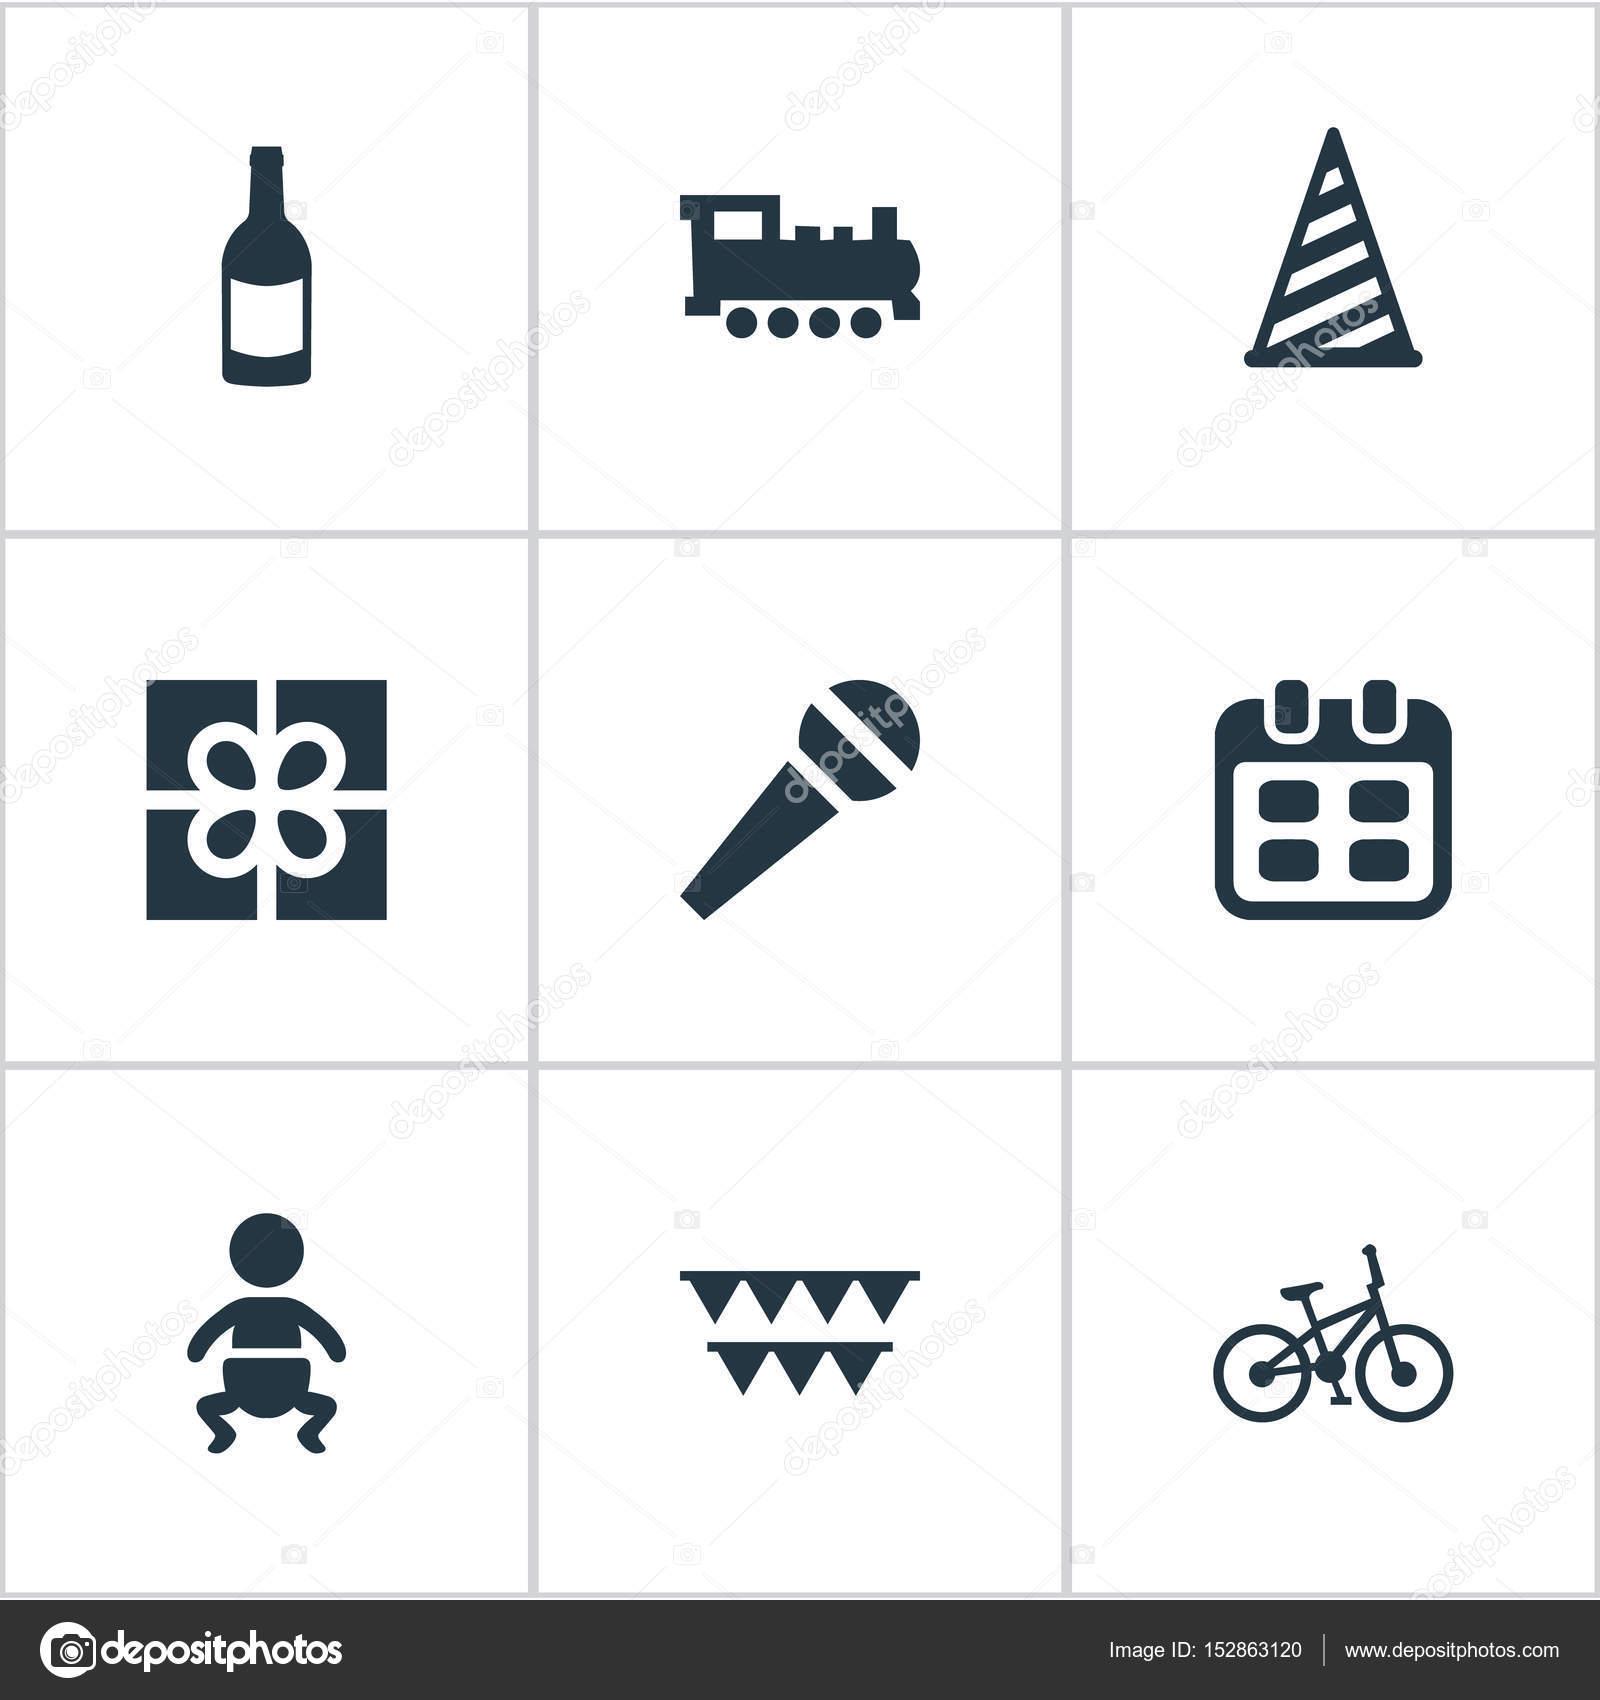 簡単な誕生日アイコンのベクター イラスト セット日付要素の自転車